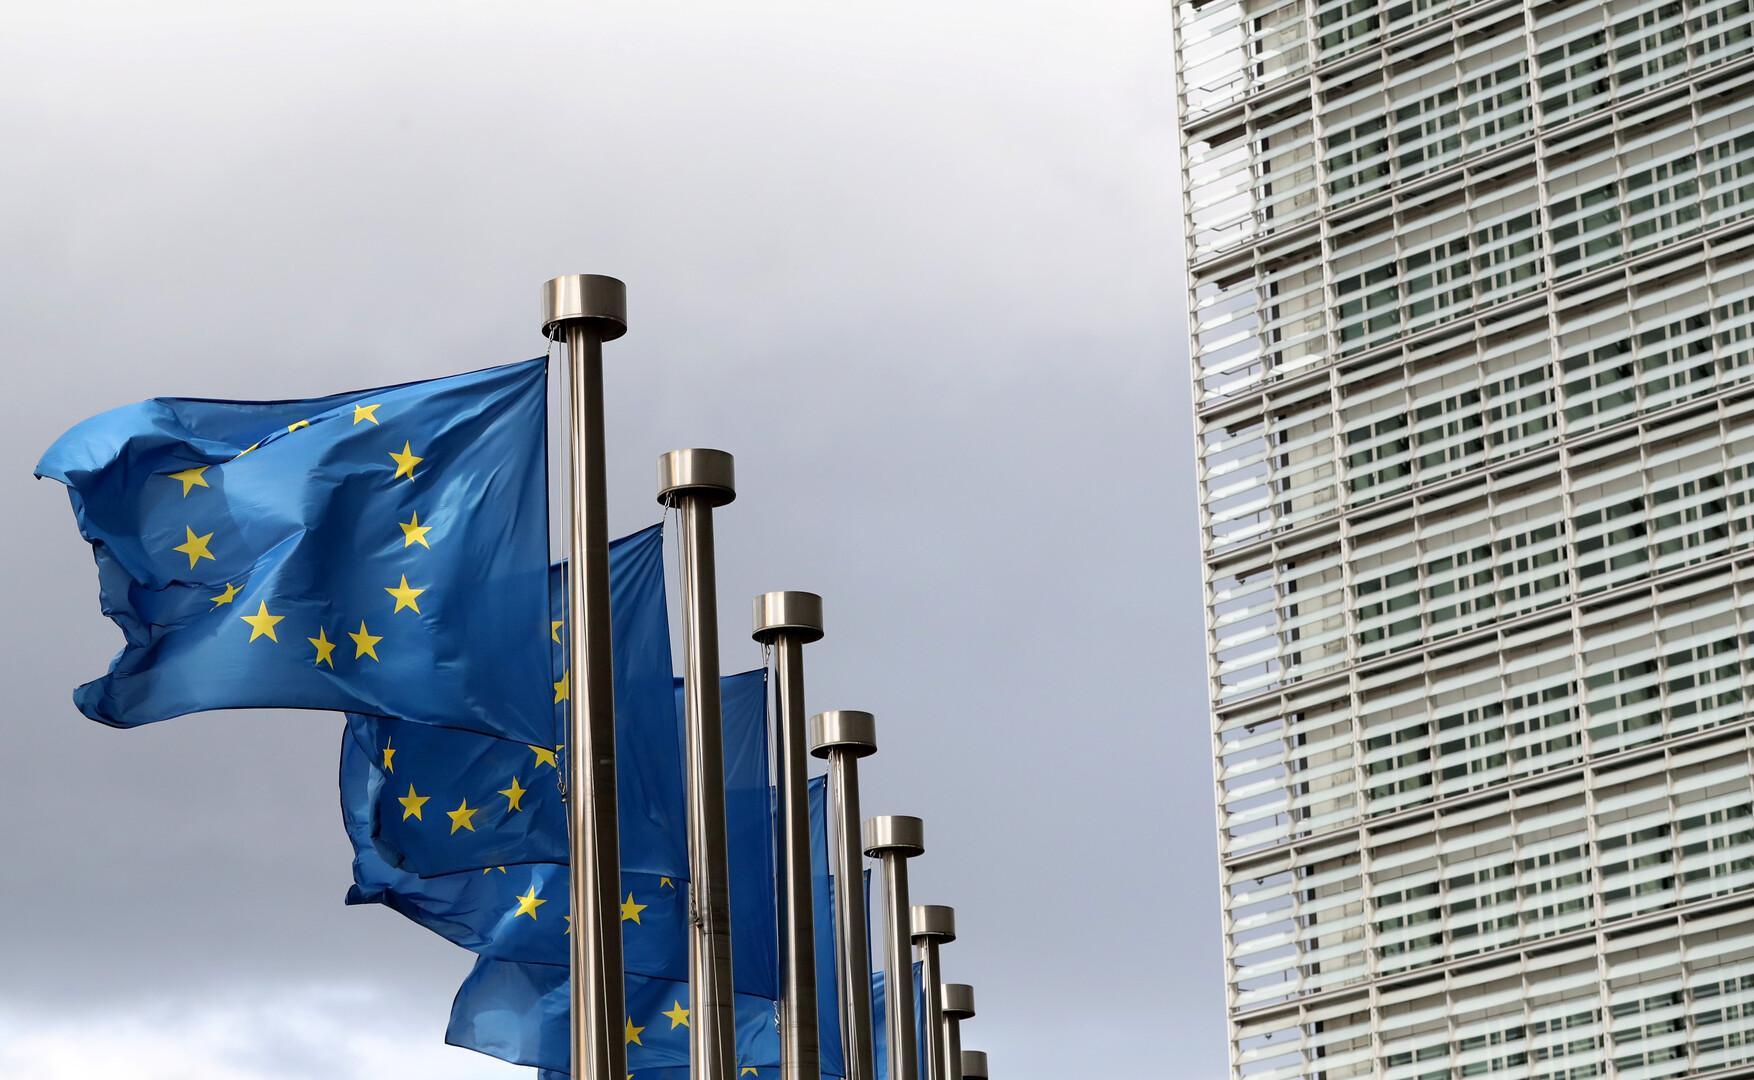 الاتحاد الأوروبي يخفق في الاتفاق على حظر تصدير السلاح لتركيا